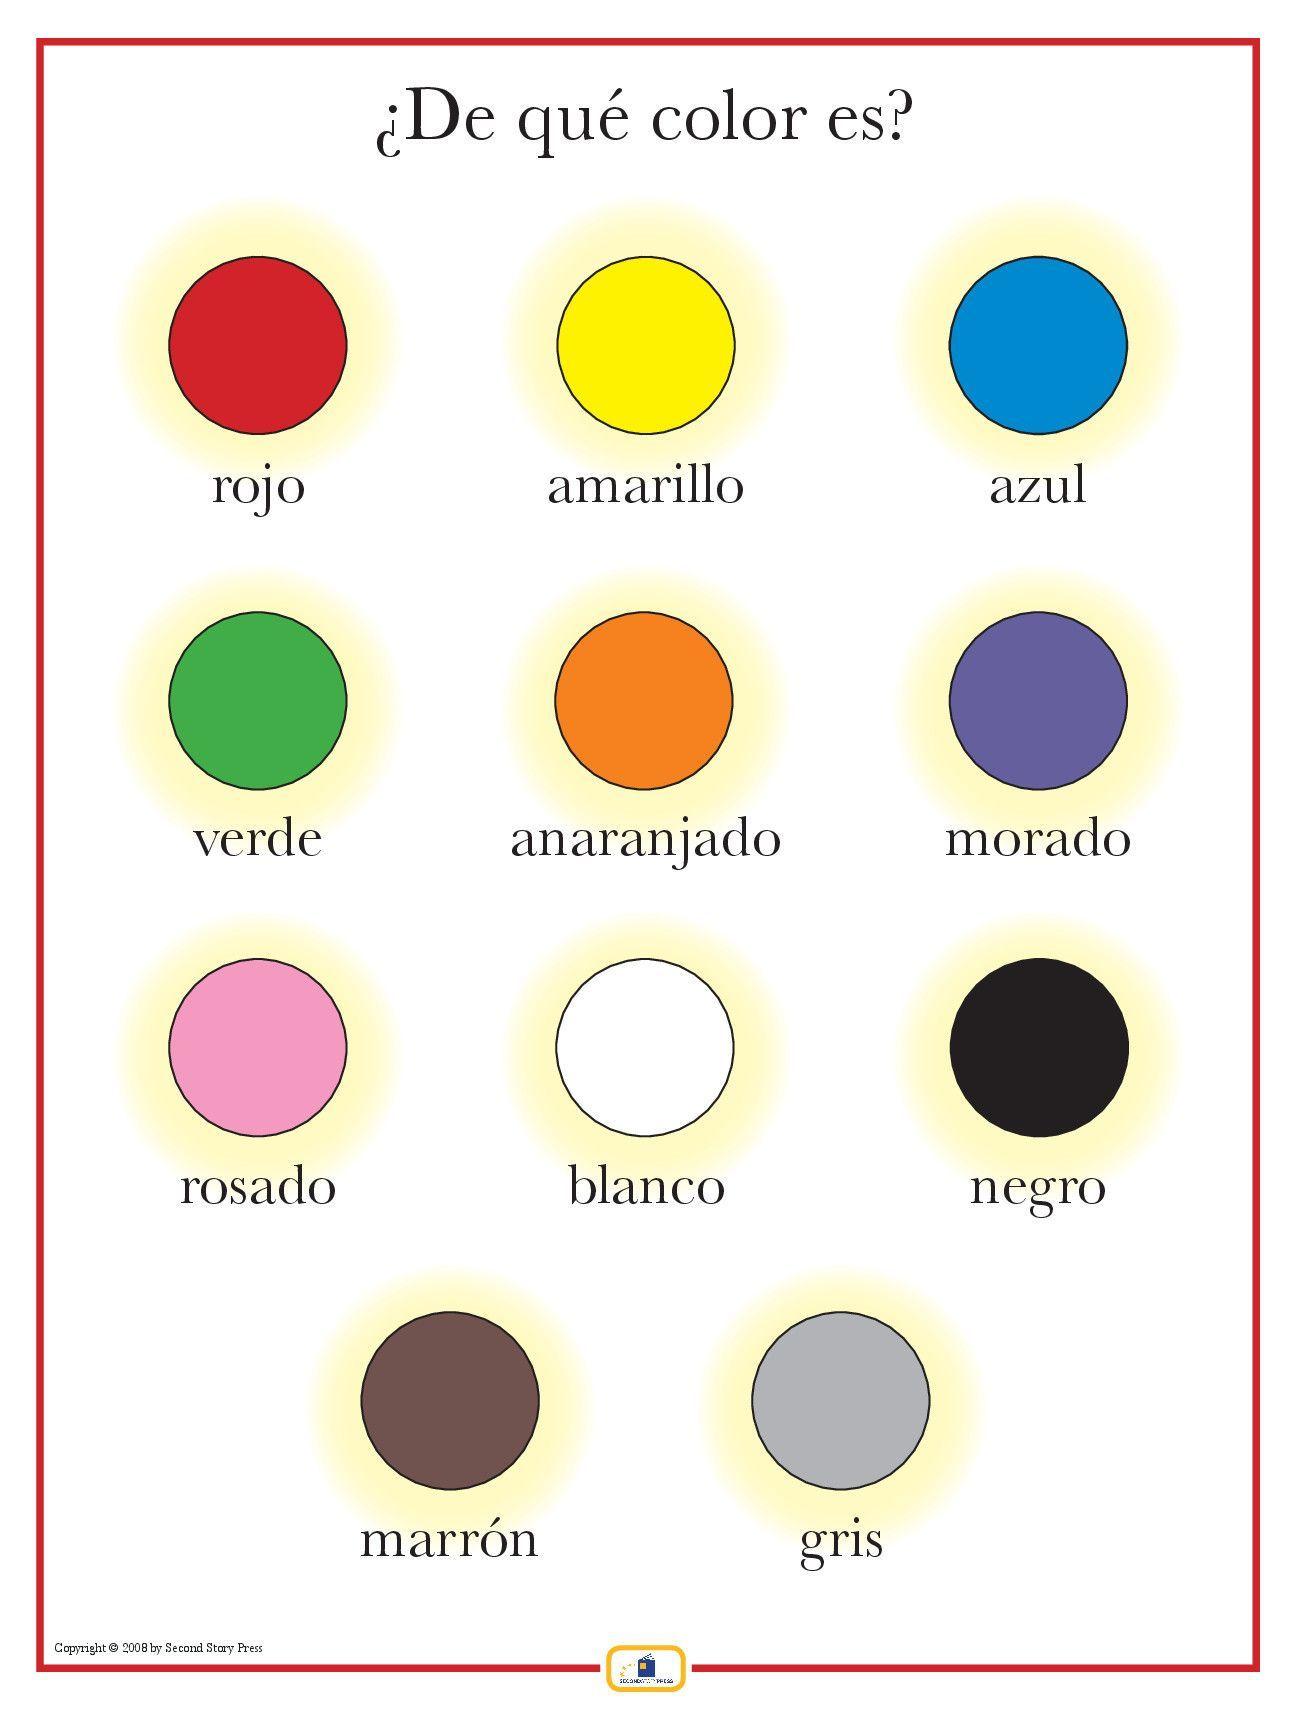 Spanish Colors Poster Spanish Colors Spanish Worksheets Preschool Spanish [ 1728 x 1296 Pixel ]